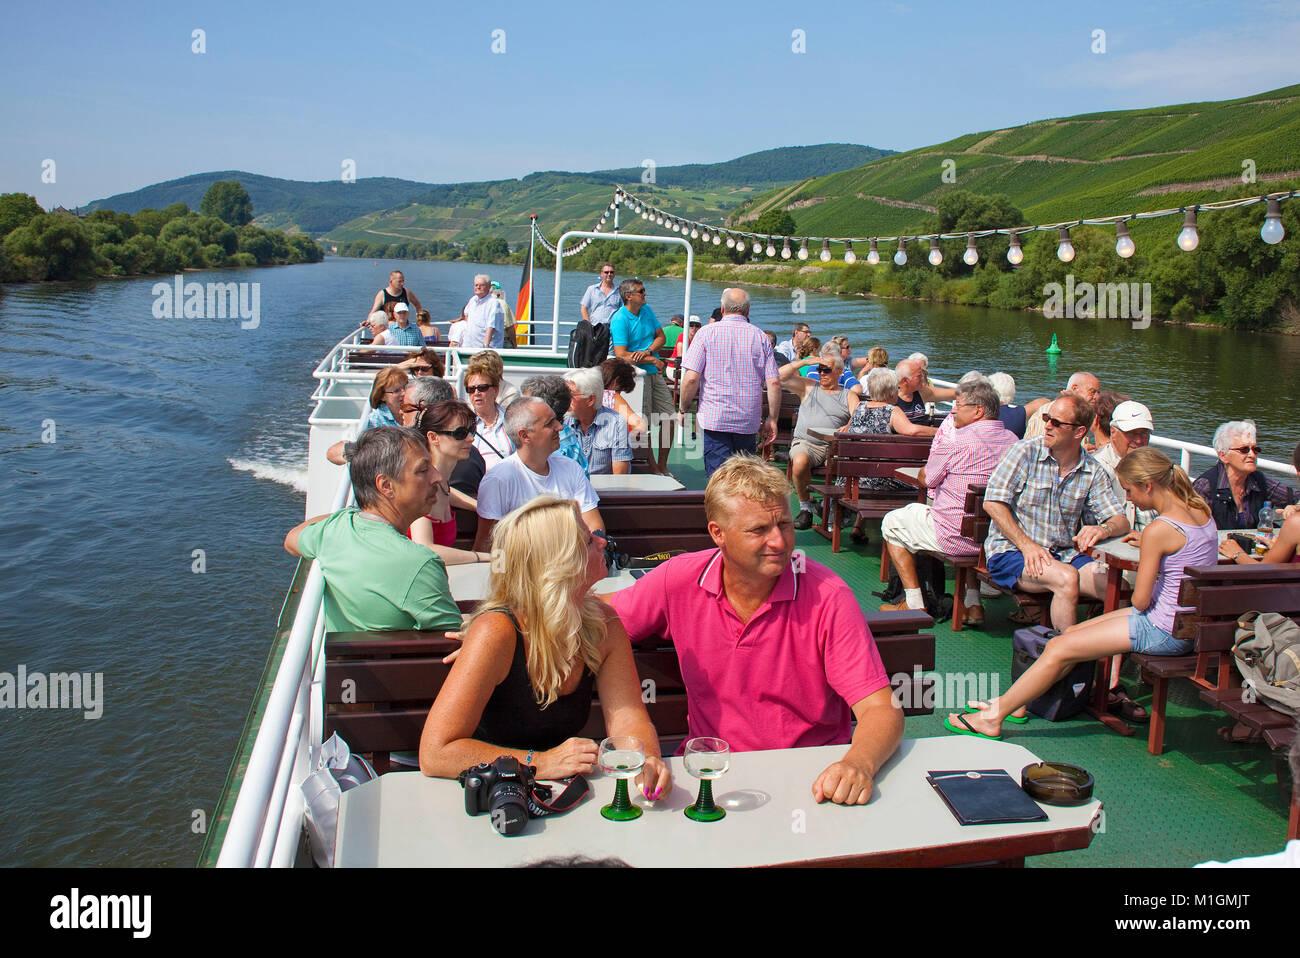 Los turistas disfrutan de un viaje en barco por el río Mosela, Lieser, río Mosela, Renania-Palatinado, Imagen De Stock